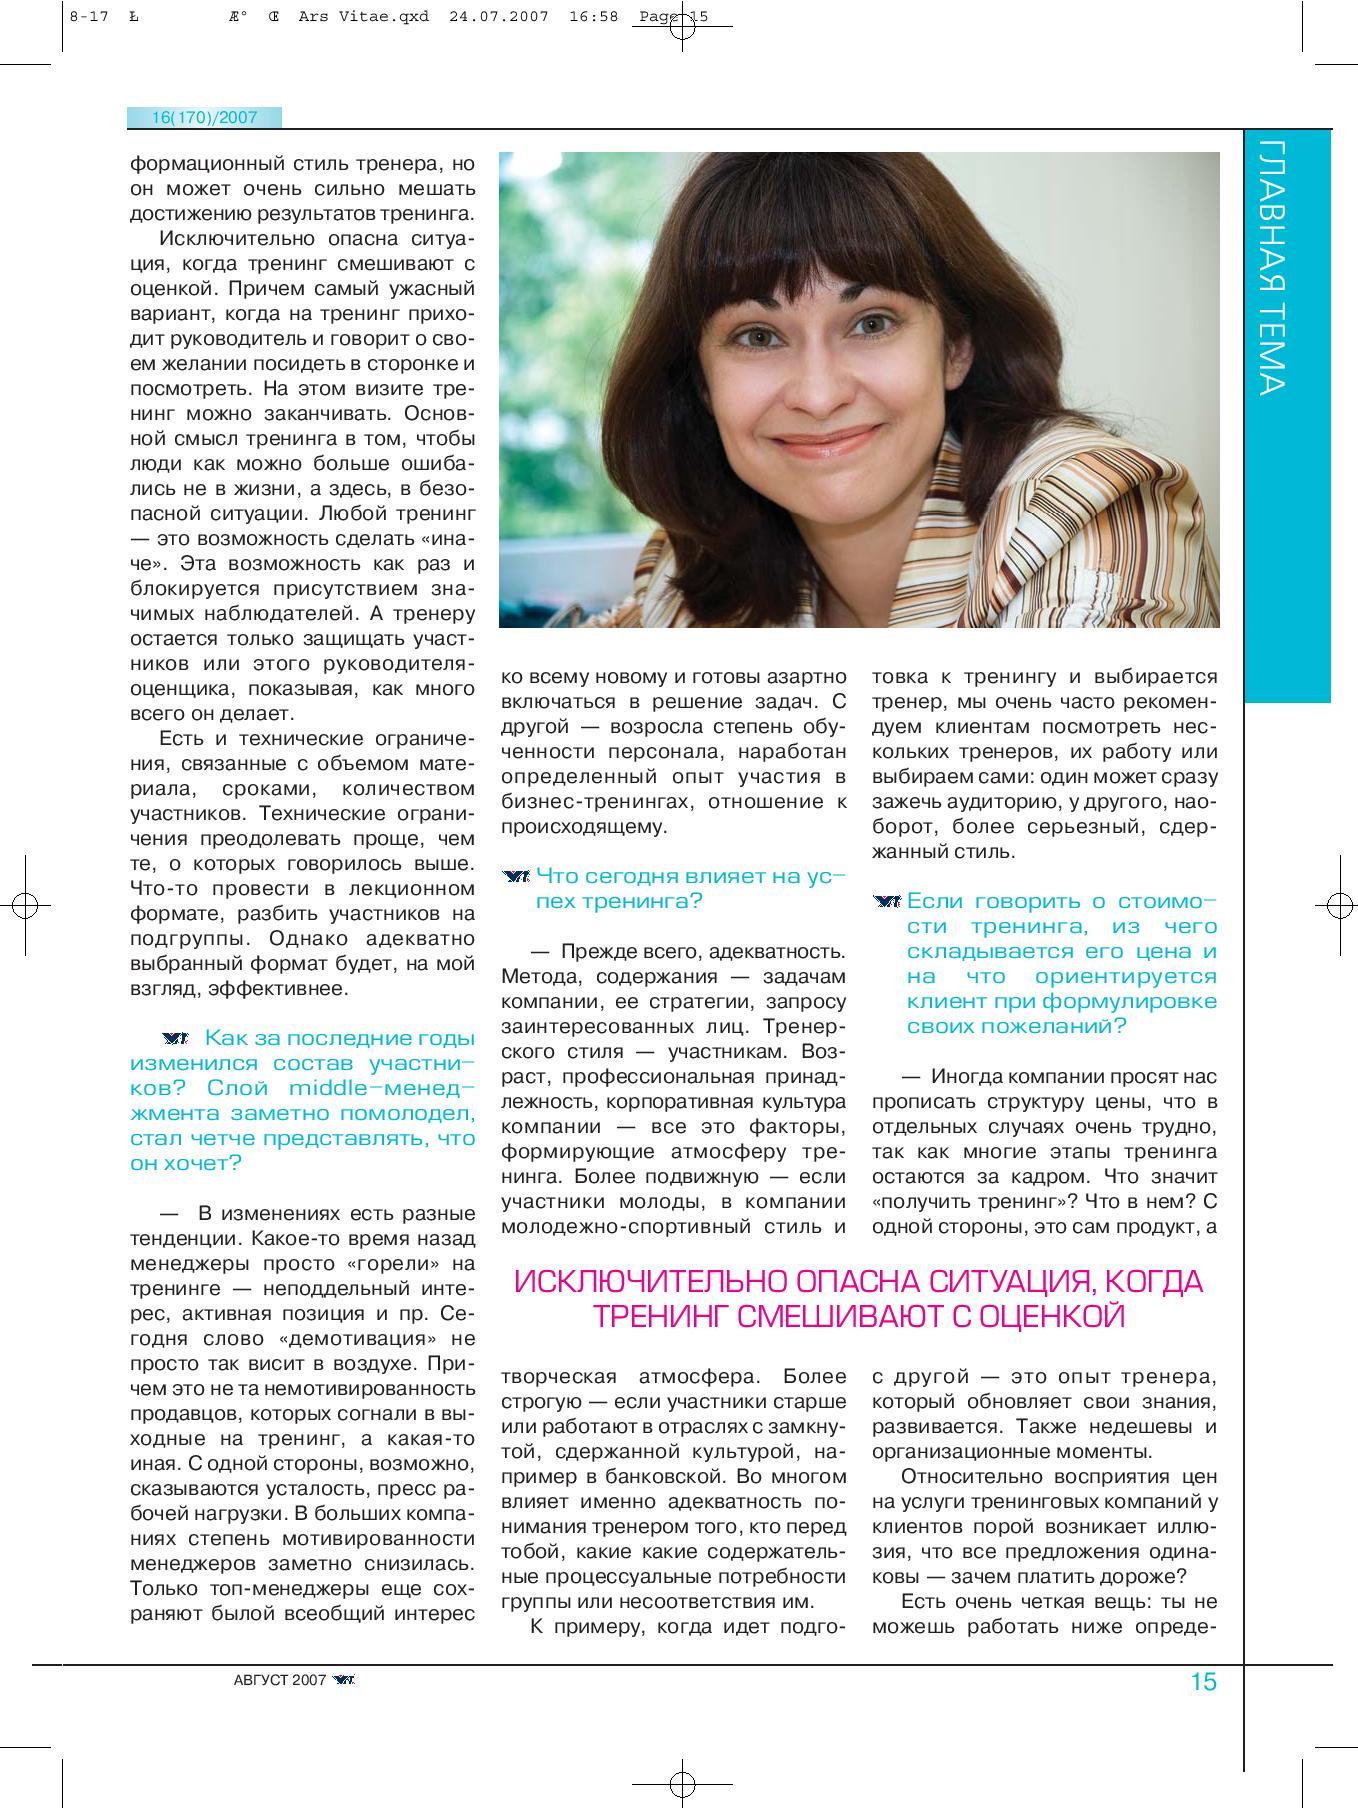 8-17__intervyu_oblozhka_Ars_Vitae-page-008.jpg